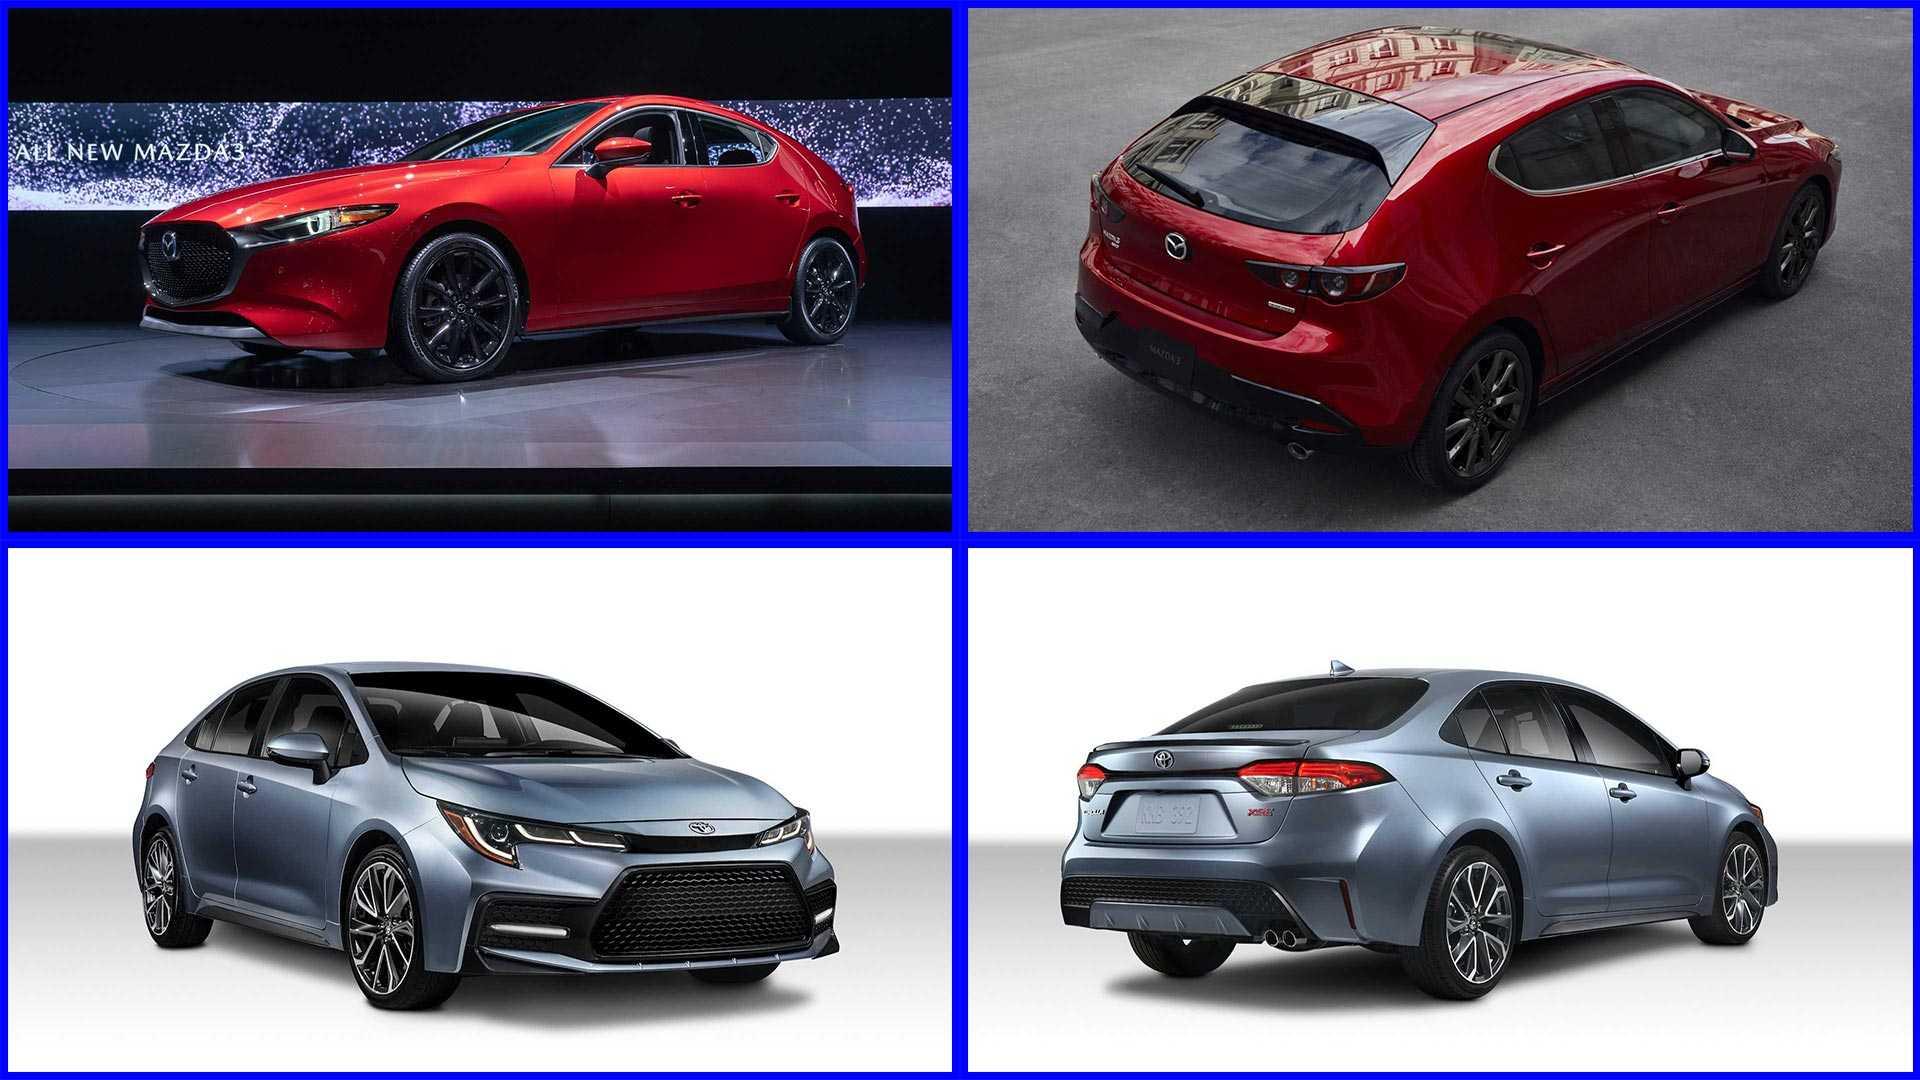 12 Great Corolla 2020 Vs Mazda 3 Images with Corolla 2020 Vs Mazda 3